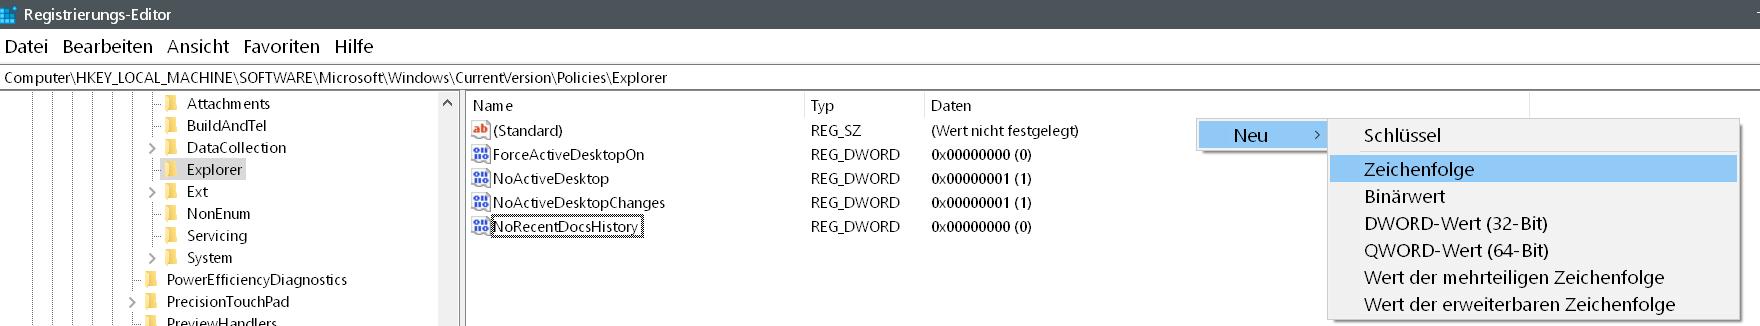 neue zeichenfolge 1 - Windows 10 Eintrag Telefon unter Einstellungen entfernen